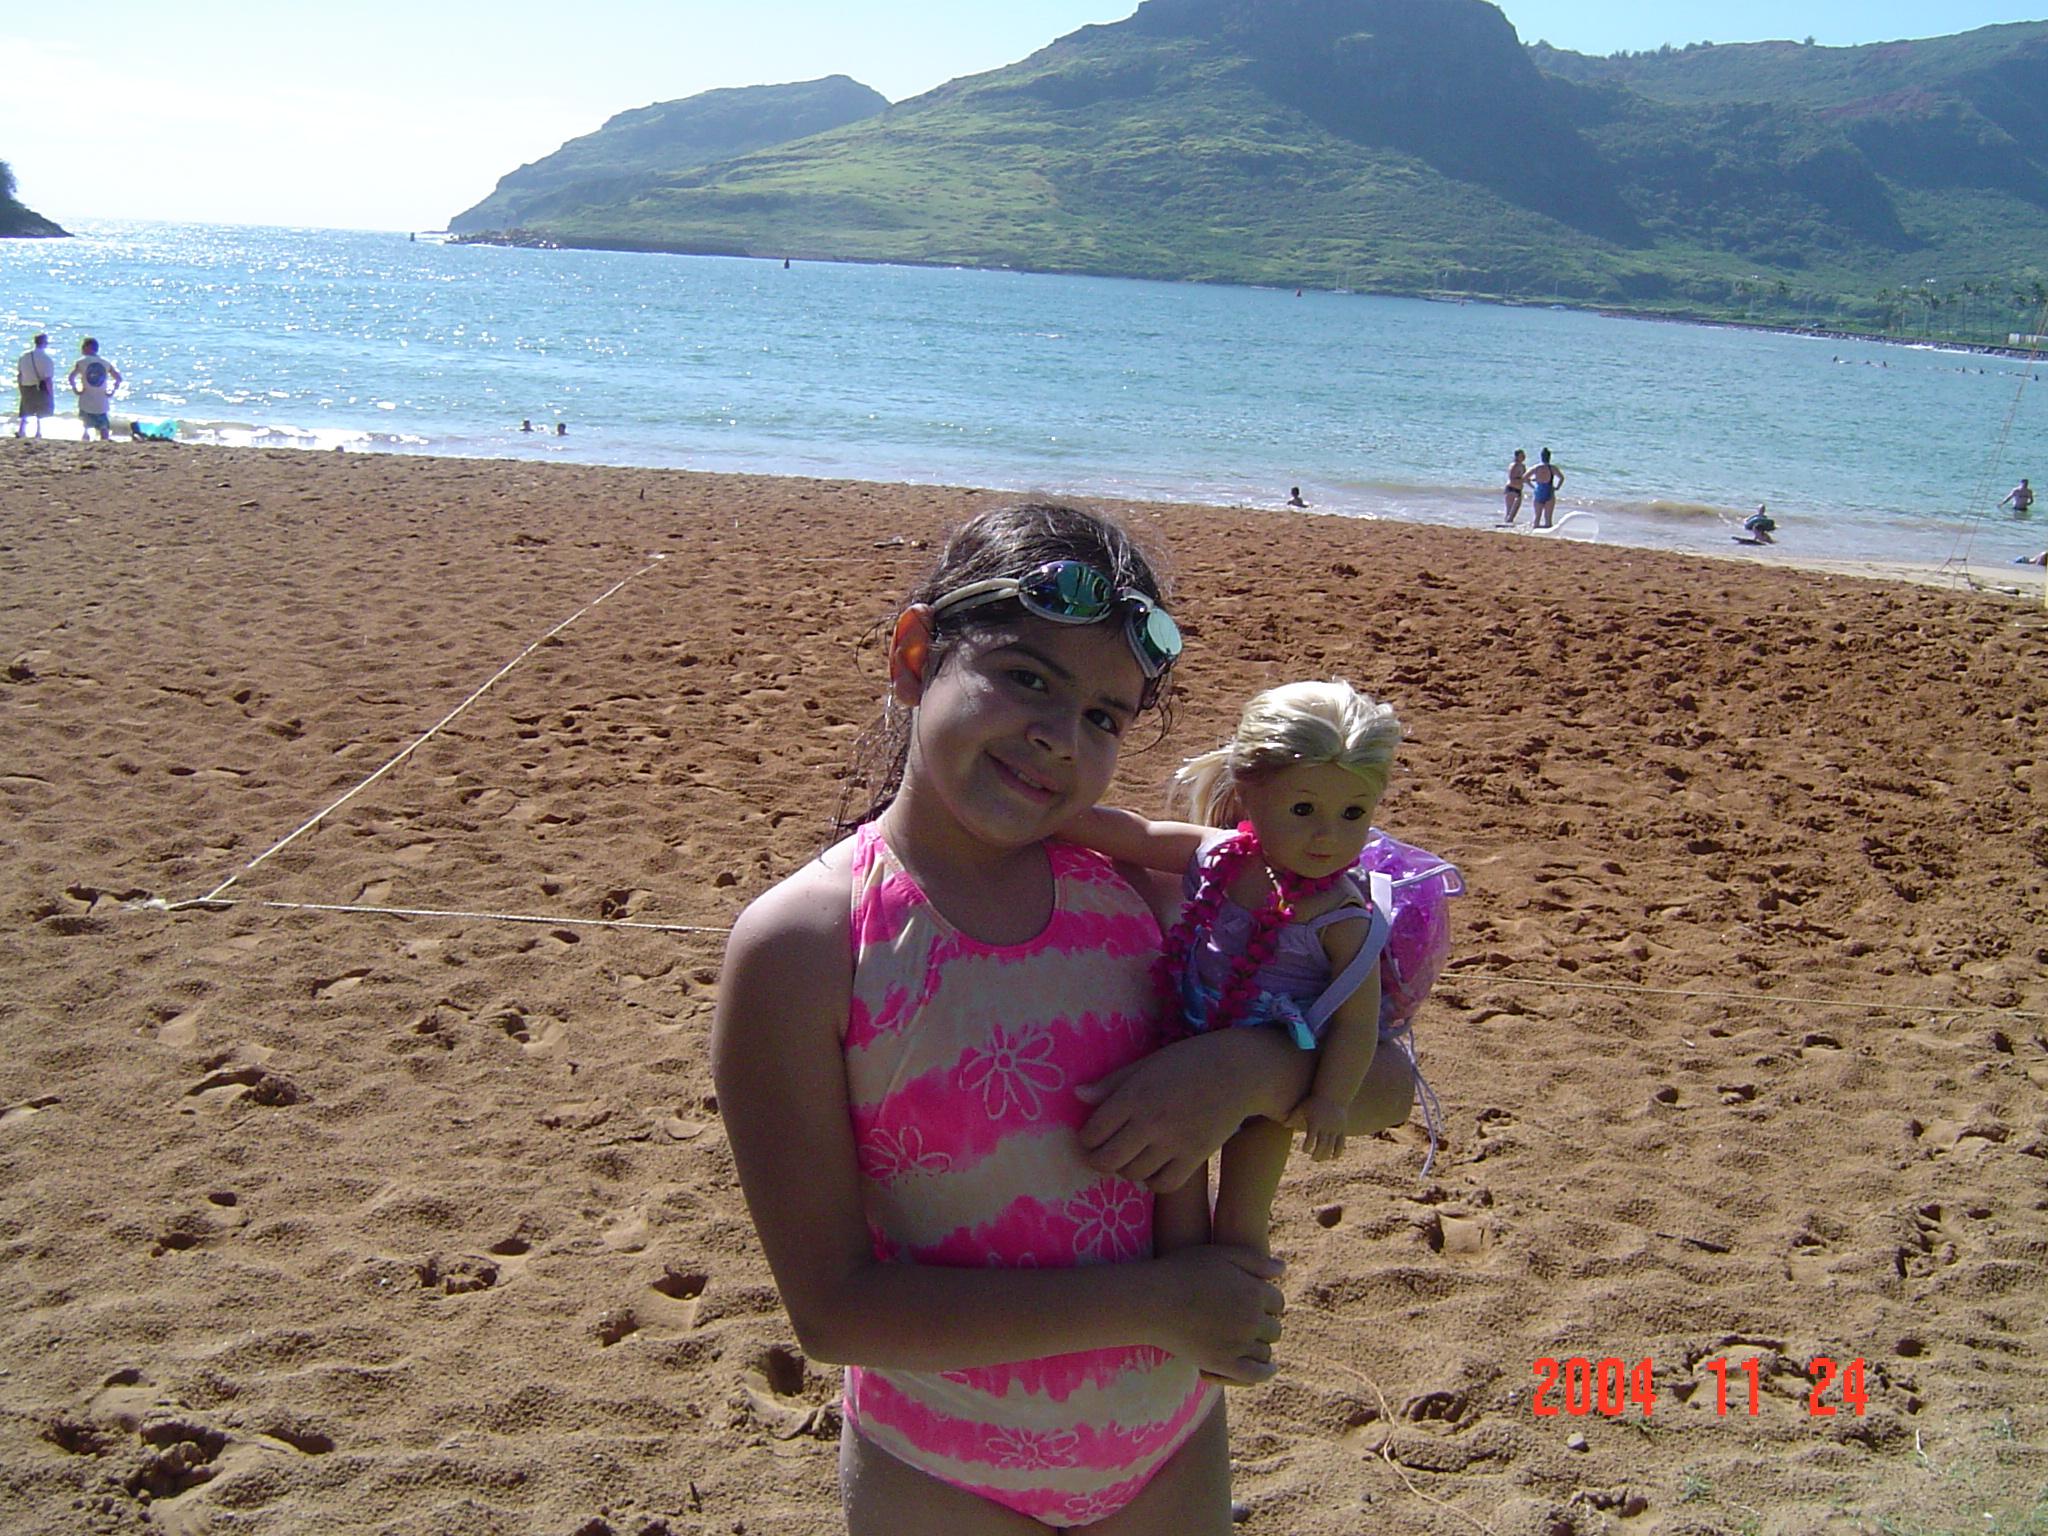 Alyssa in Hawaii_2004.jpg